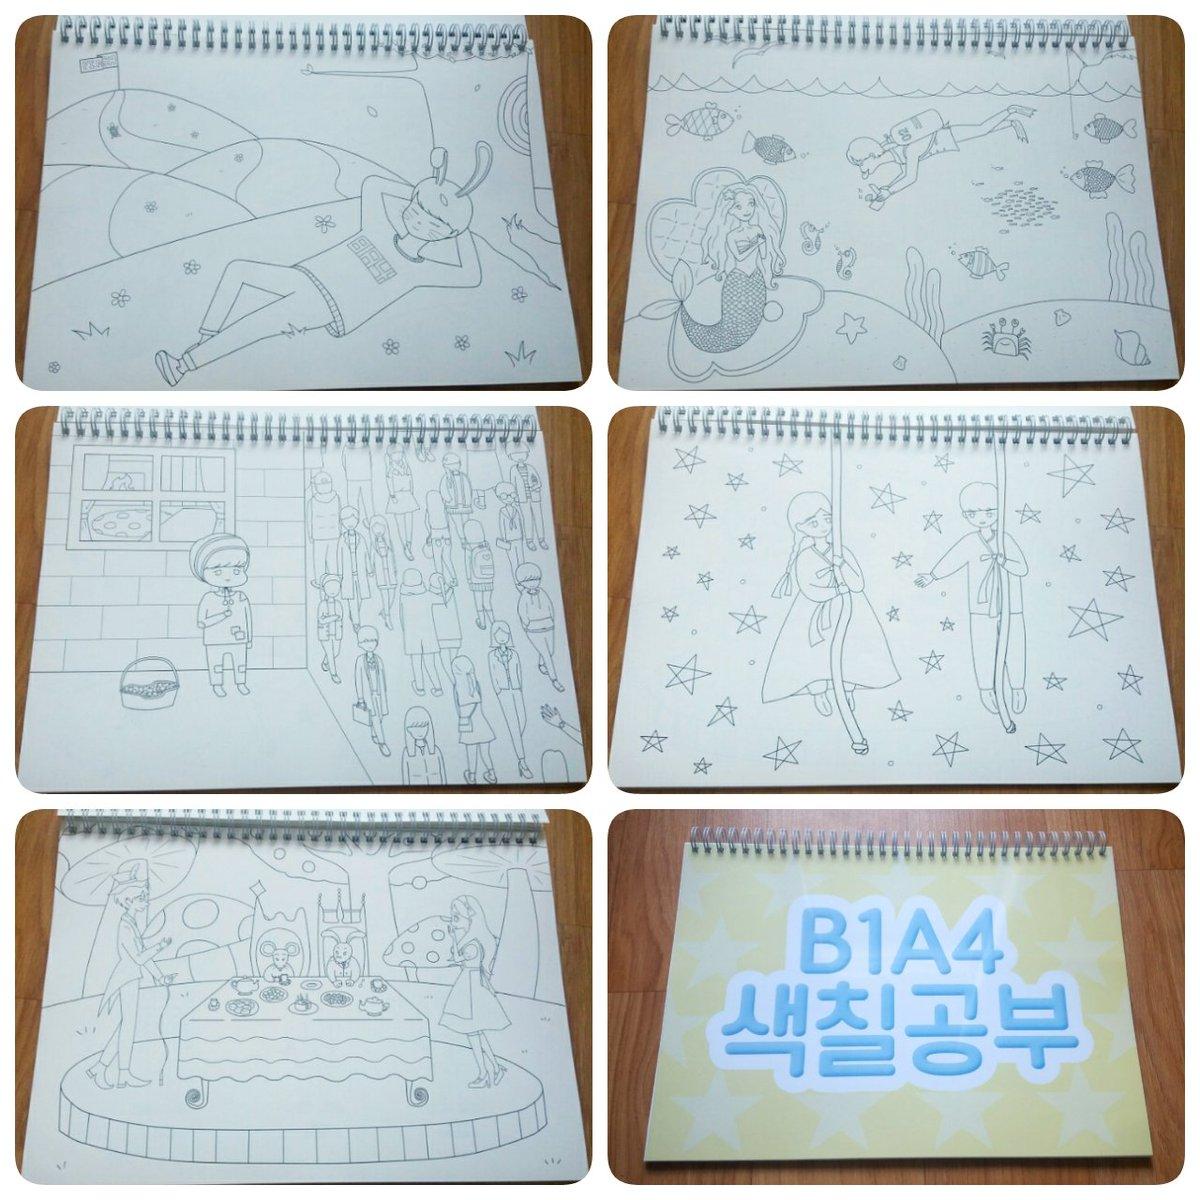 비디 Twitter ನಲಲ 컬러링북 B1a4 색칠공부 도안